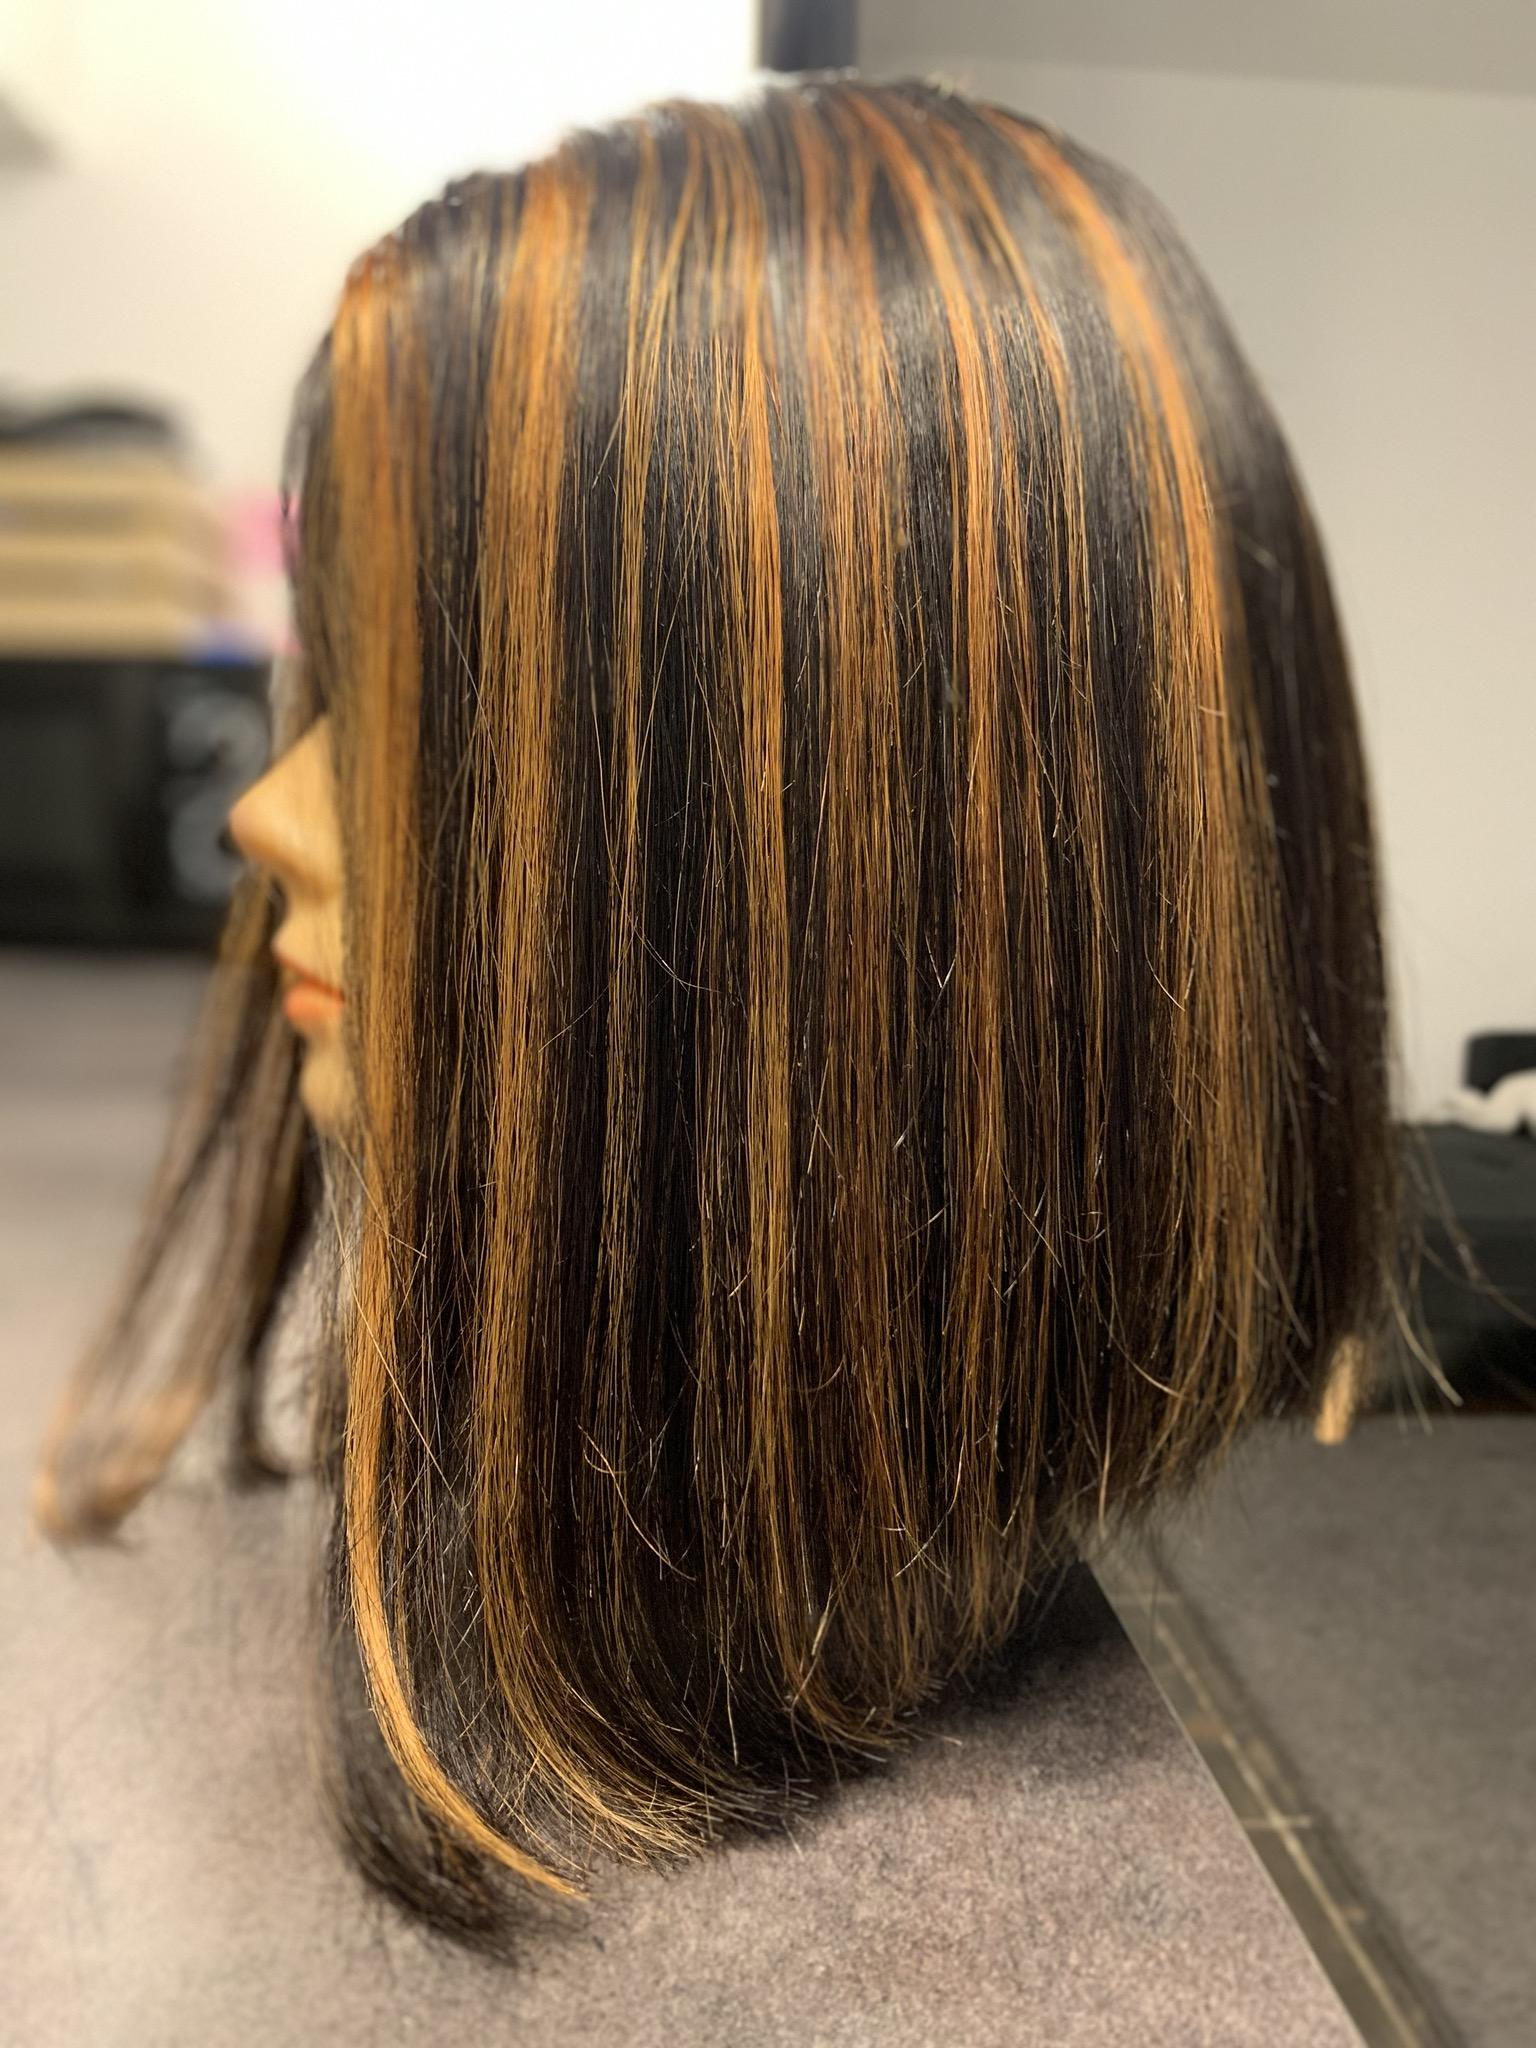 salon de coiffure afro tresse tresses box braids crochet braids vanilles tissages paris 75 77 78 91 92 93 94 95 YFPQYGMH